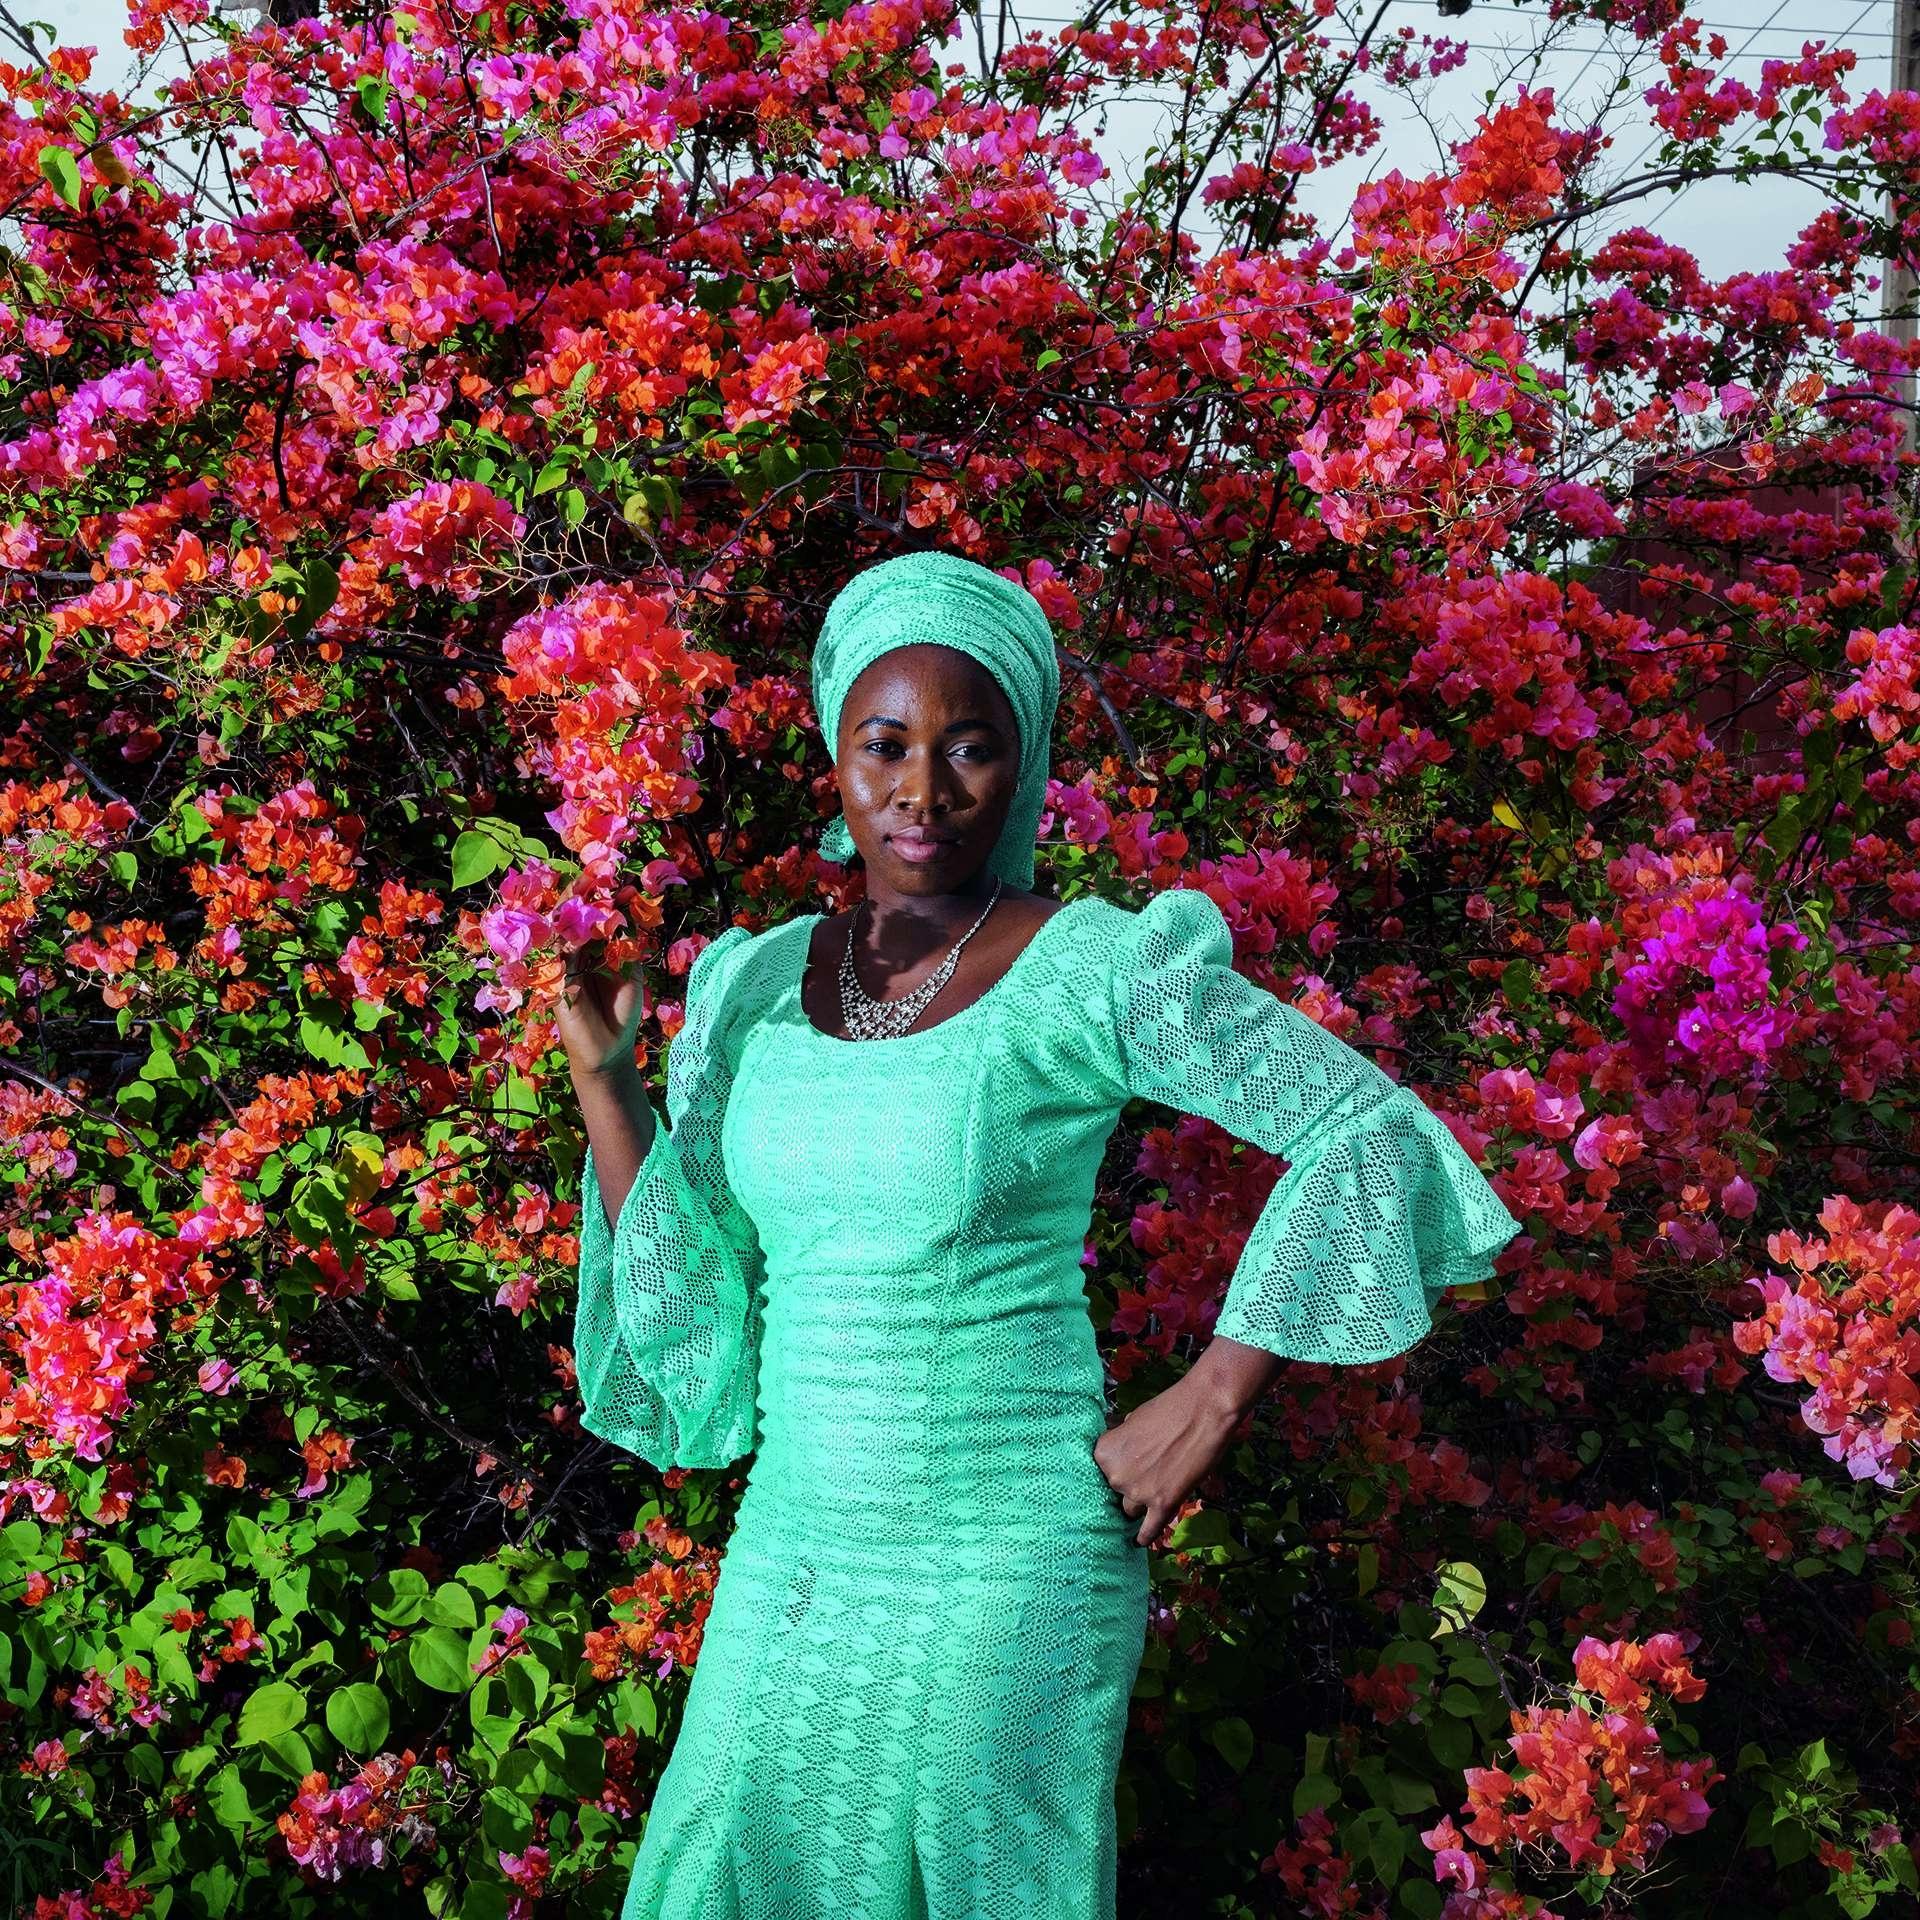 艾思黛.伍斯曼站在位於奈及利亞東北部的學校宿舍後方,她和其他一百多名來自奇博克的學生在這裡生活和讀書。這些年輕女性正在準備大學入學考,並計畫未來要投入商業、醫學和人權法領域。攝影:貝內迪克特.庫森 BÉNÉDICTE KURZEN